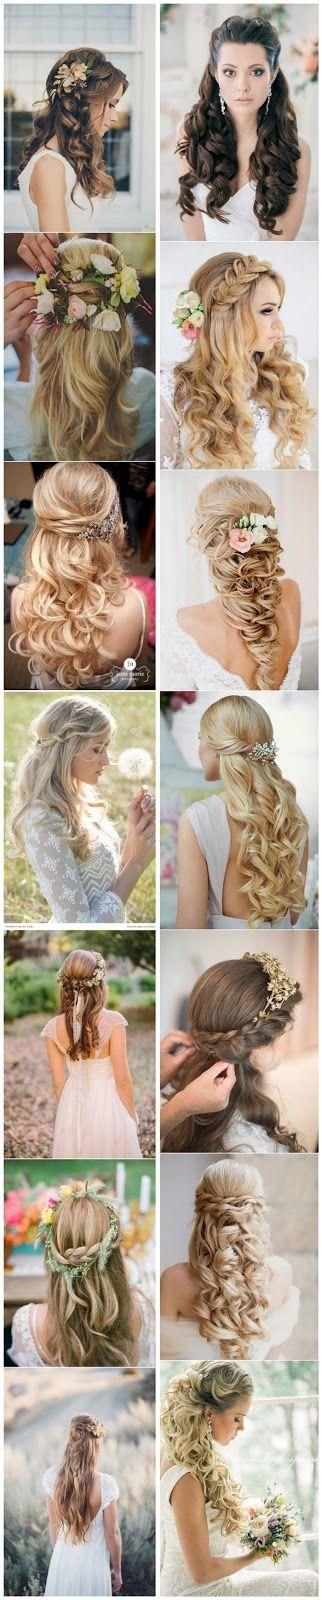 modelos de penteados para noivas 2017